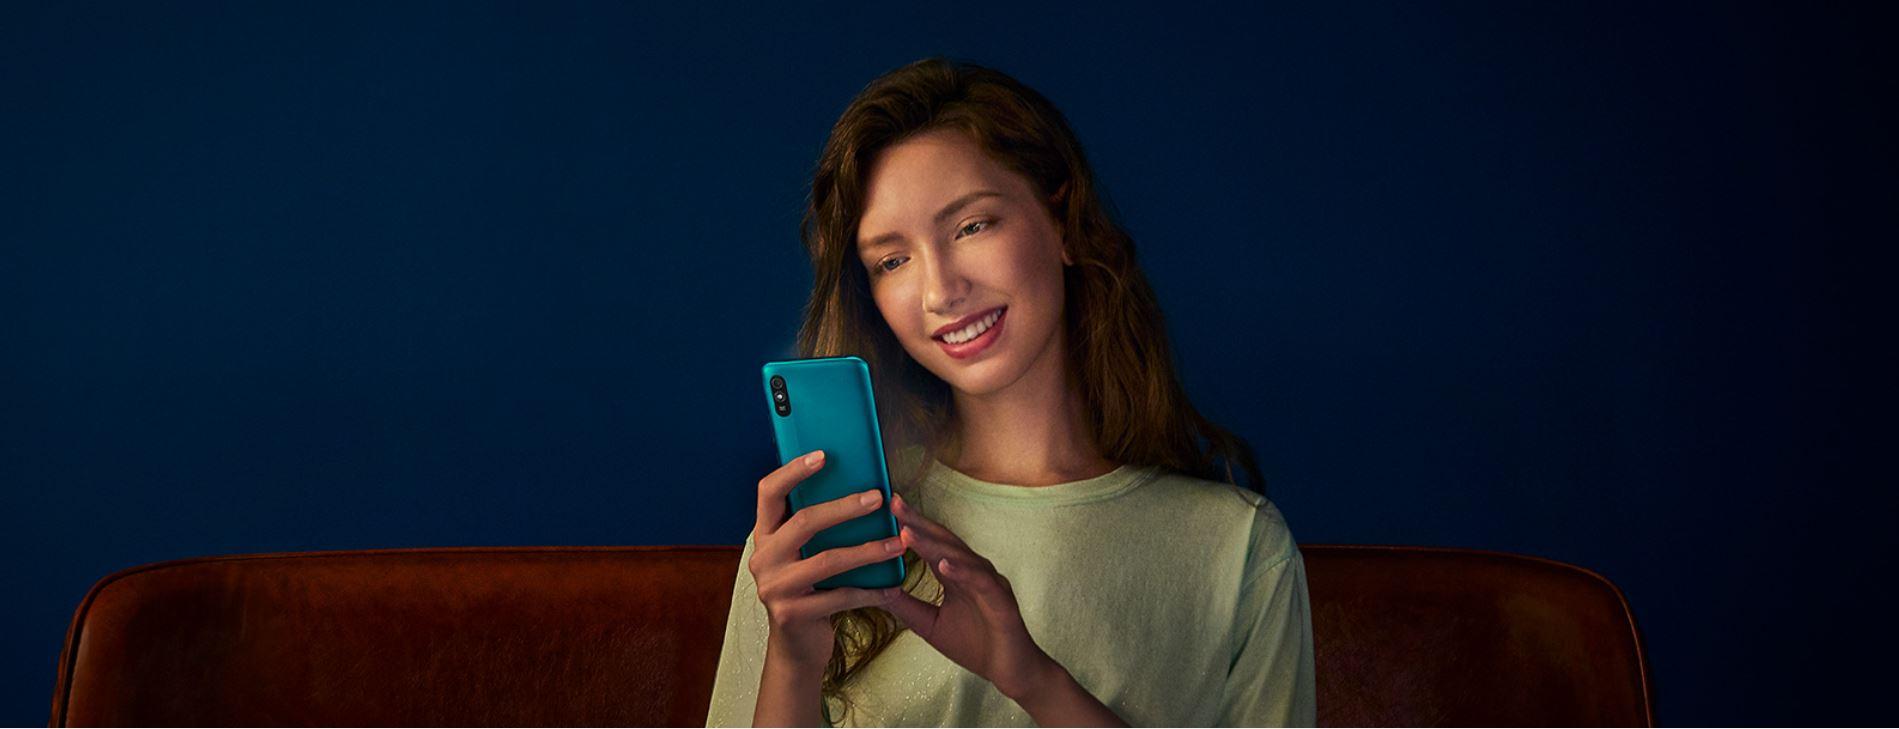 Le top des meilleurs smartphones à moins de 100 euros en 2021